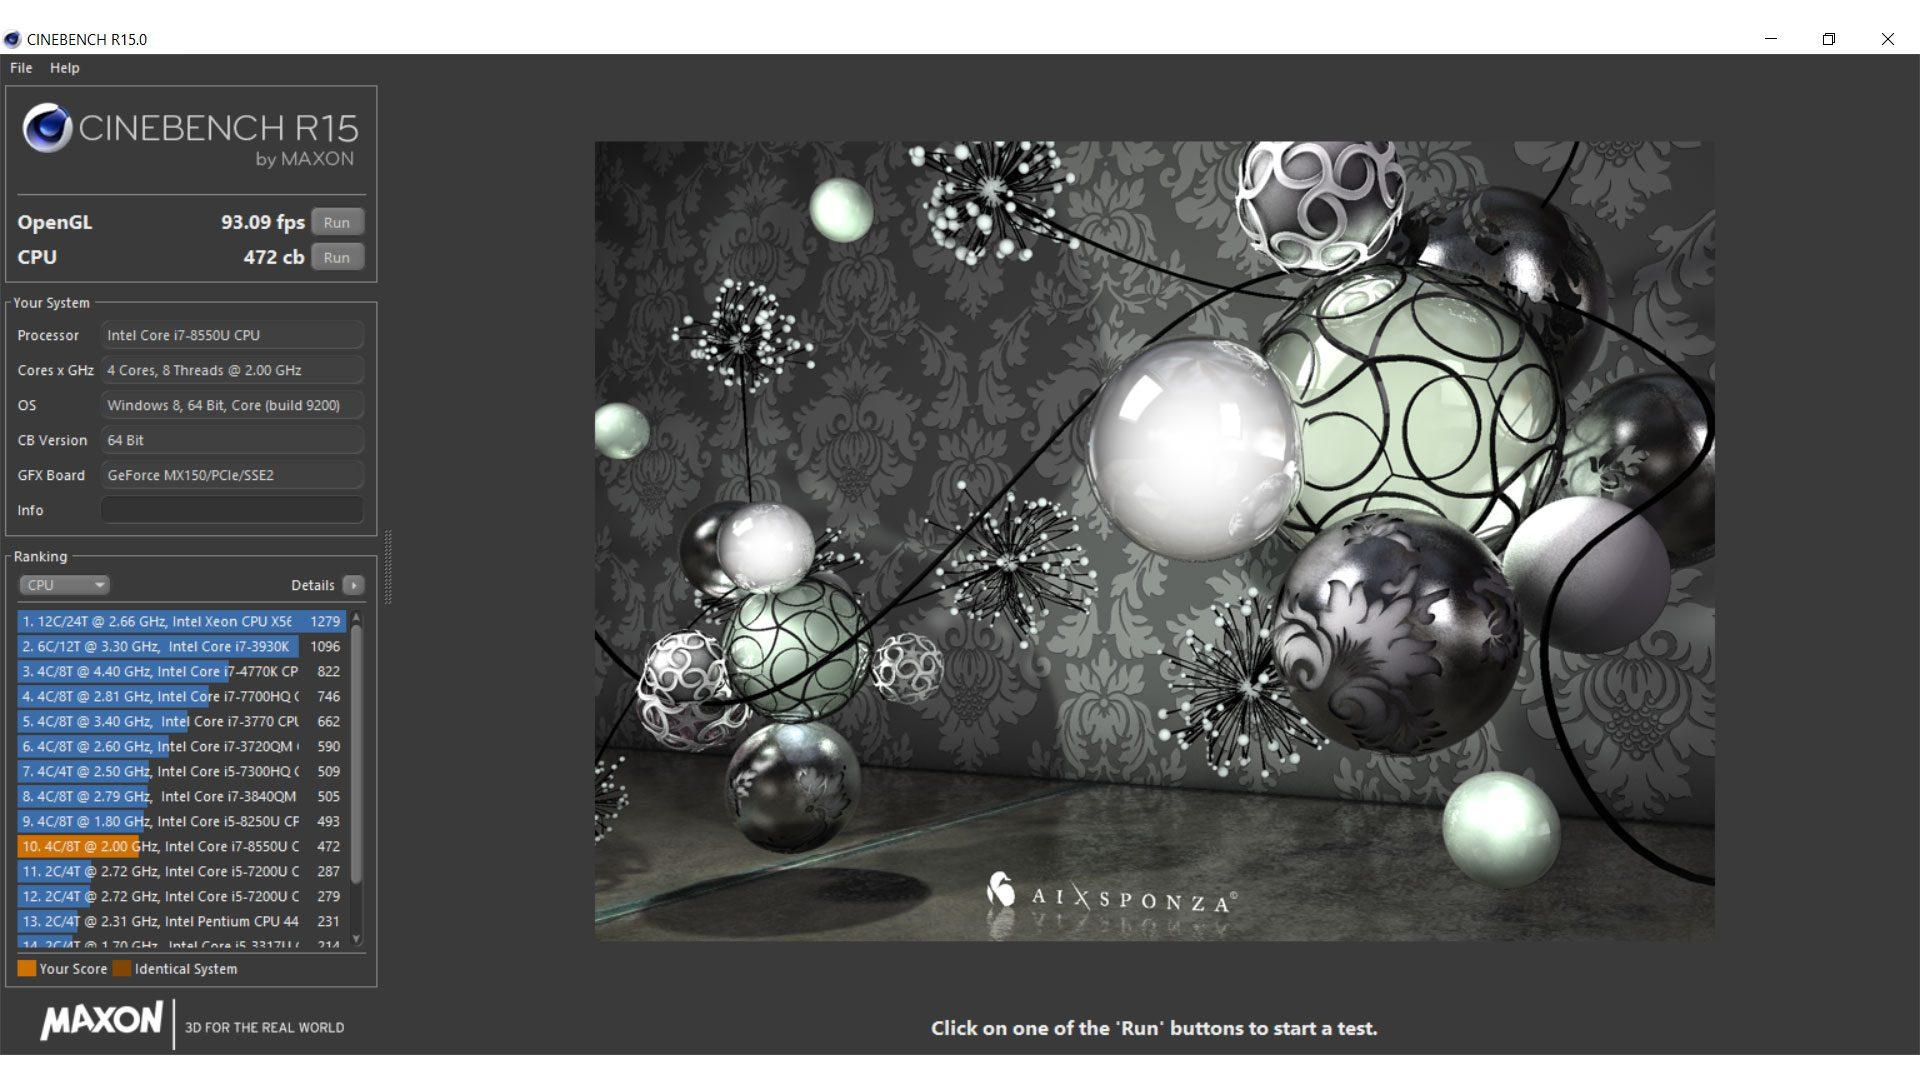 HP ENVY x360 15-cn0007ng Benchmark_4